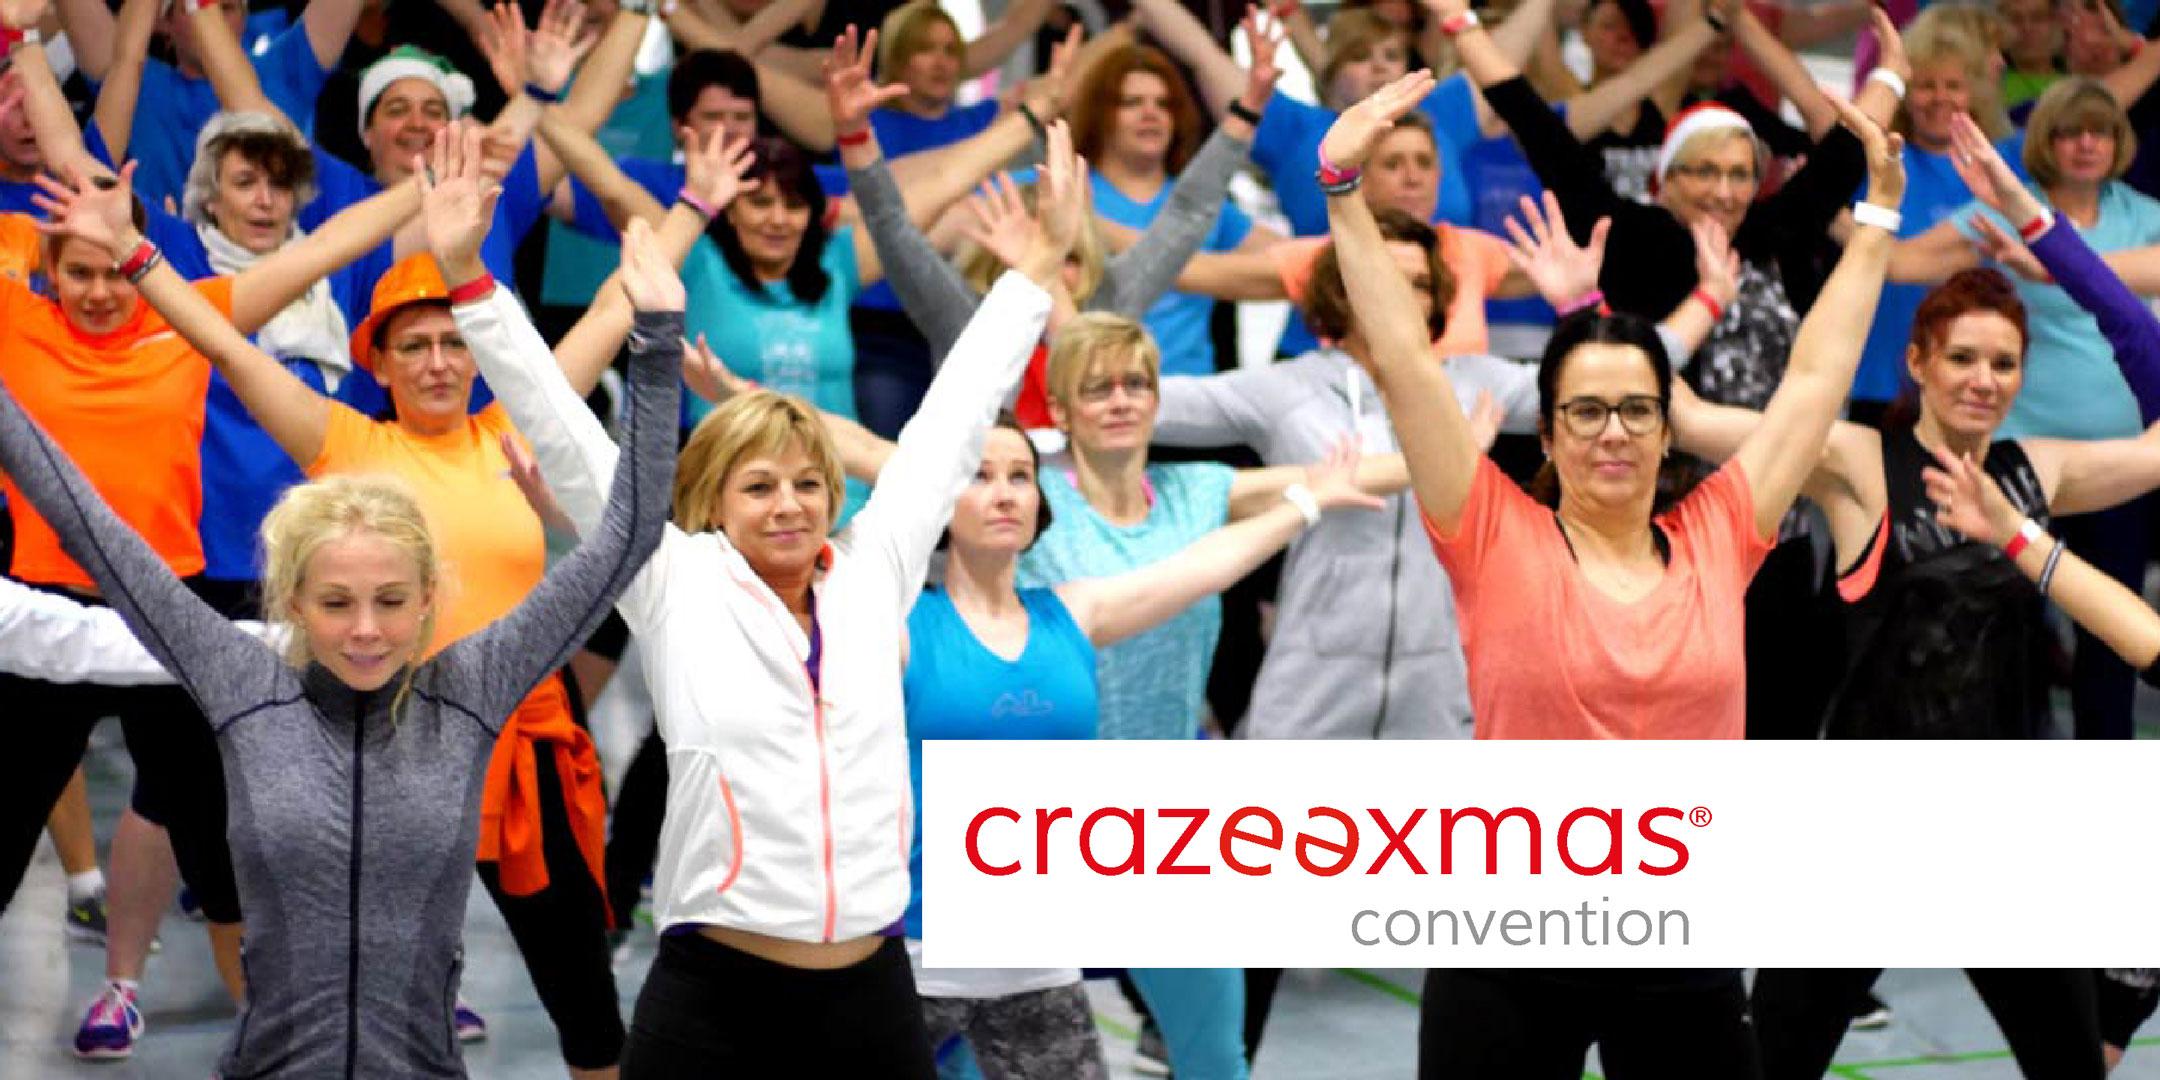 Freude und Spaß bei unserem welcome Workout